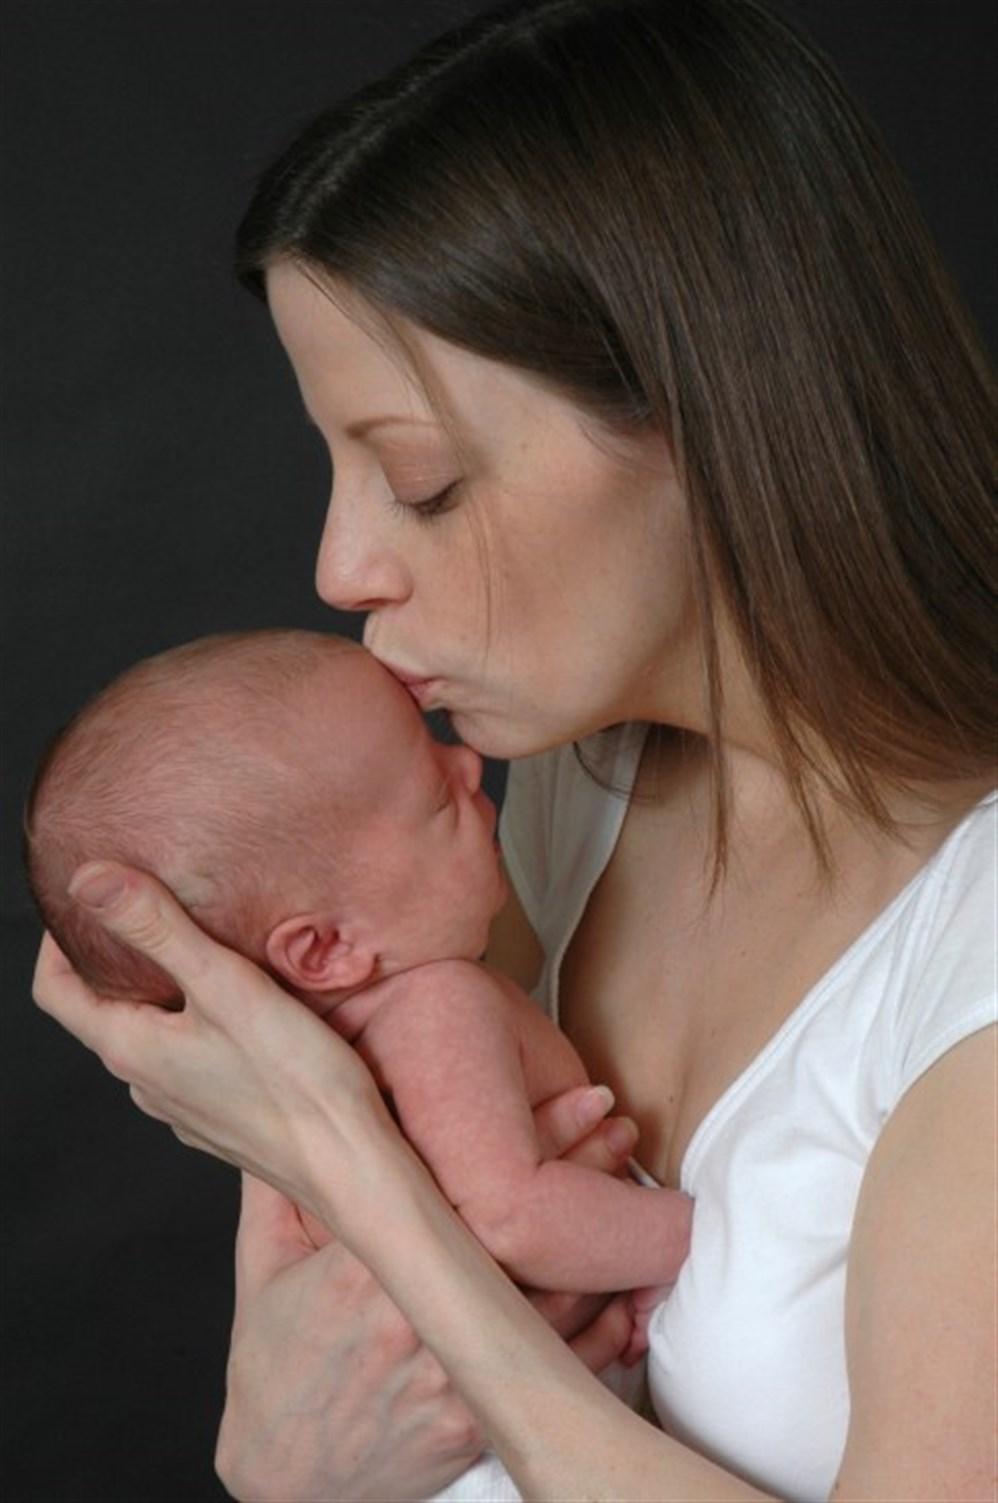 Sohati ودعي تر هل البطن بعد الولادة القيصرية بإتباع هذه النصائح الفع الة